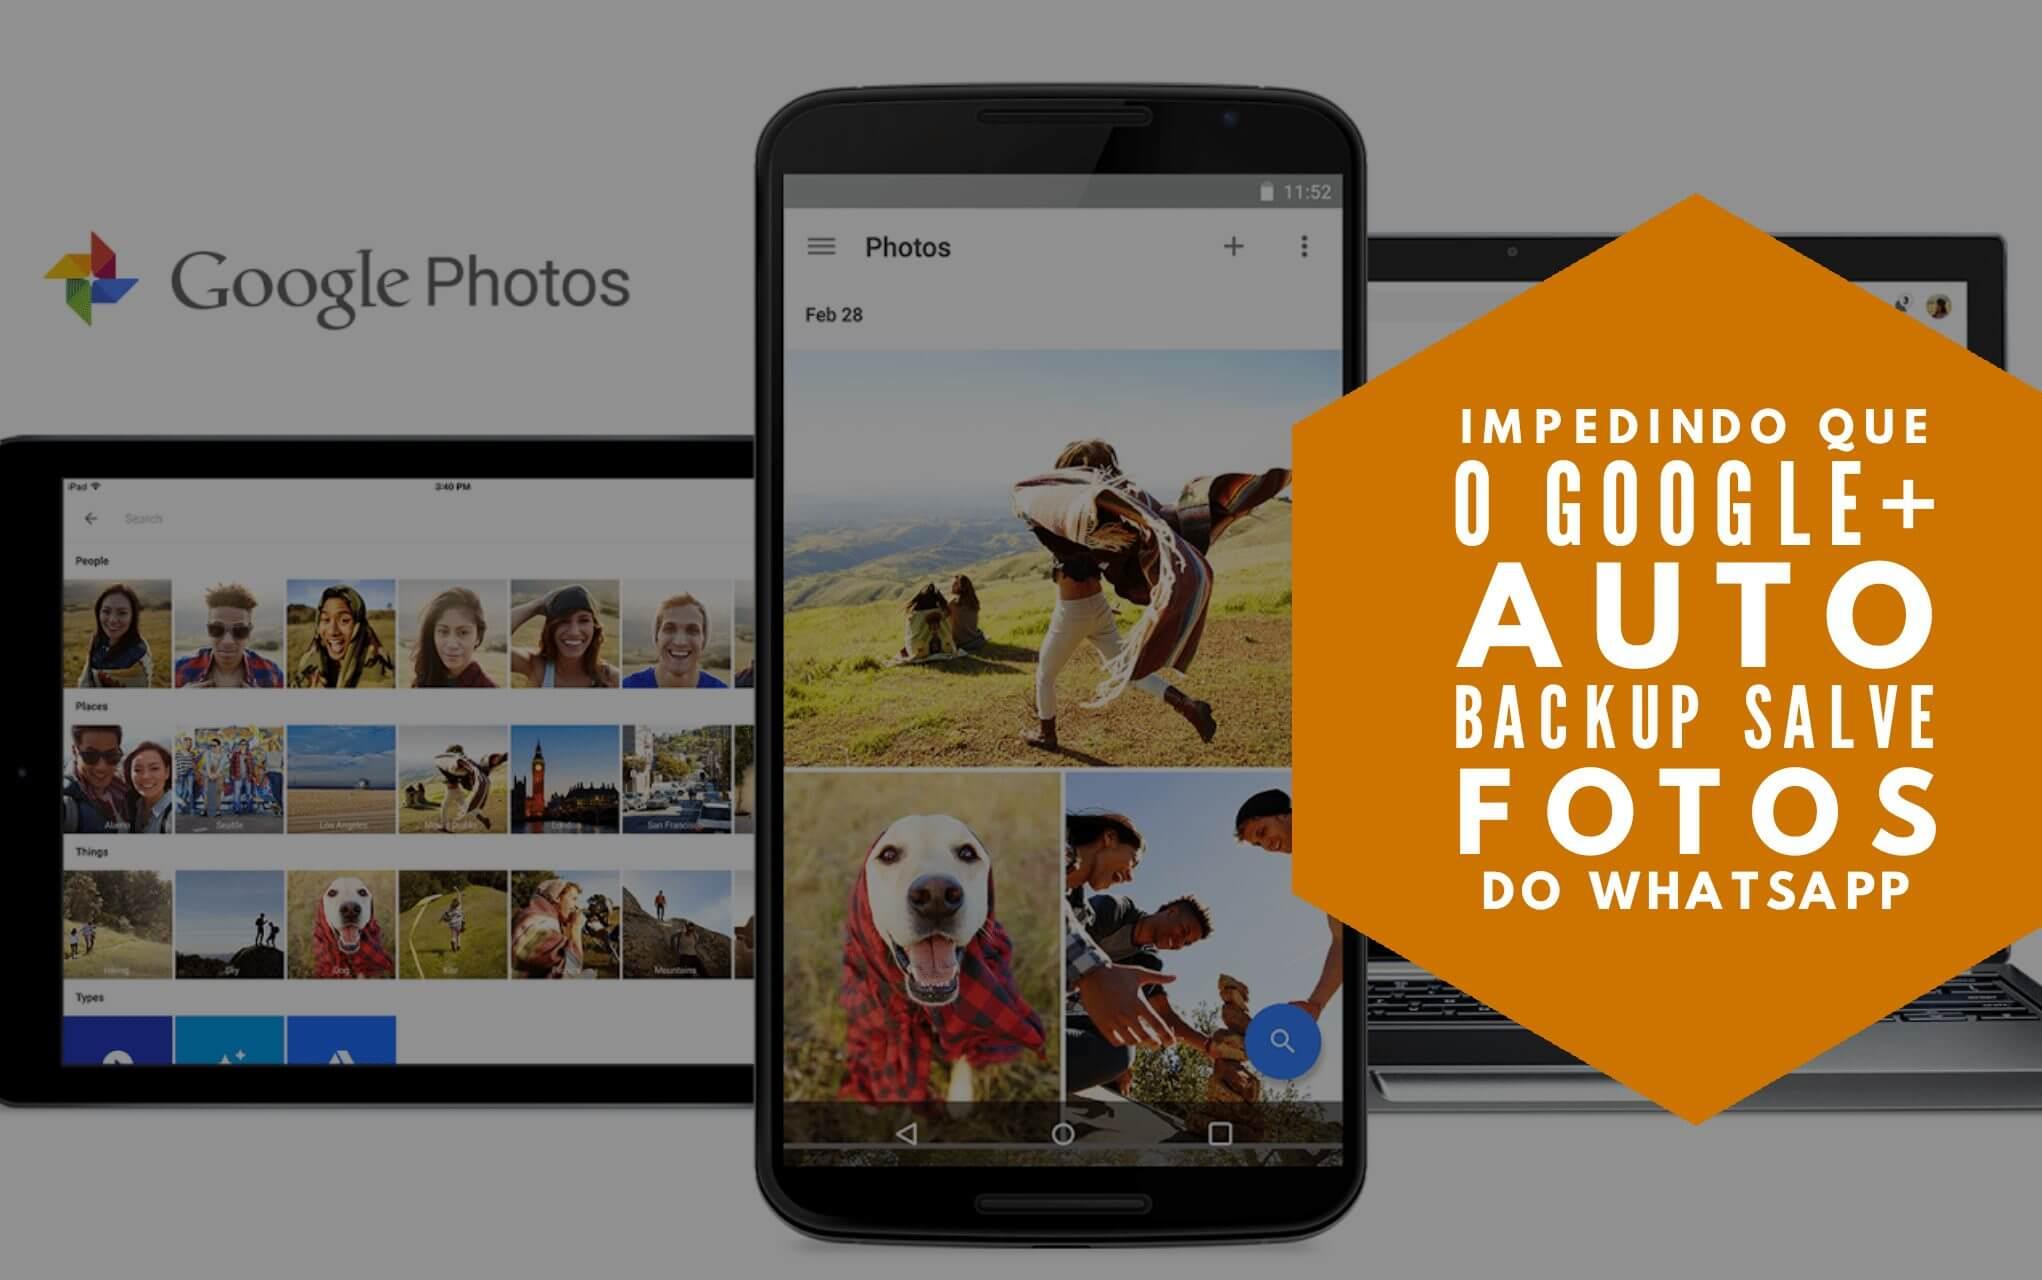 Impedindo o google auto backup de salvar fotos do whatsapp e1500829684678